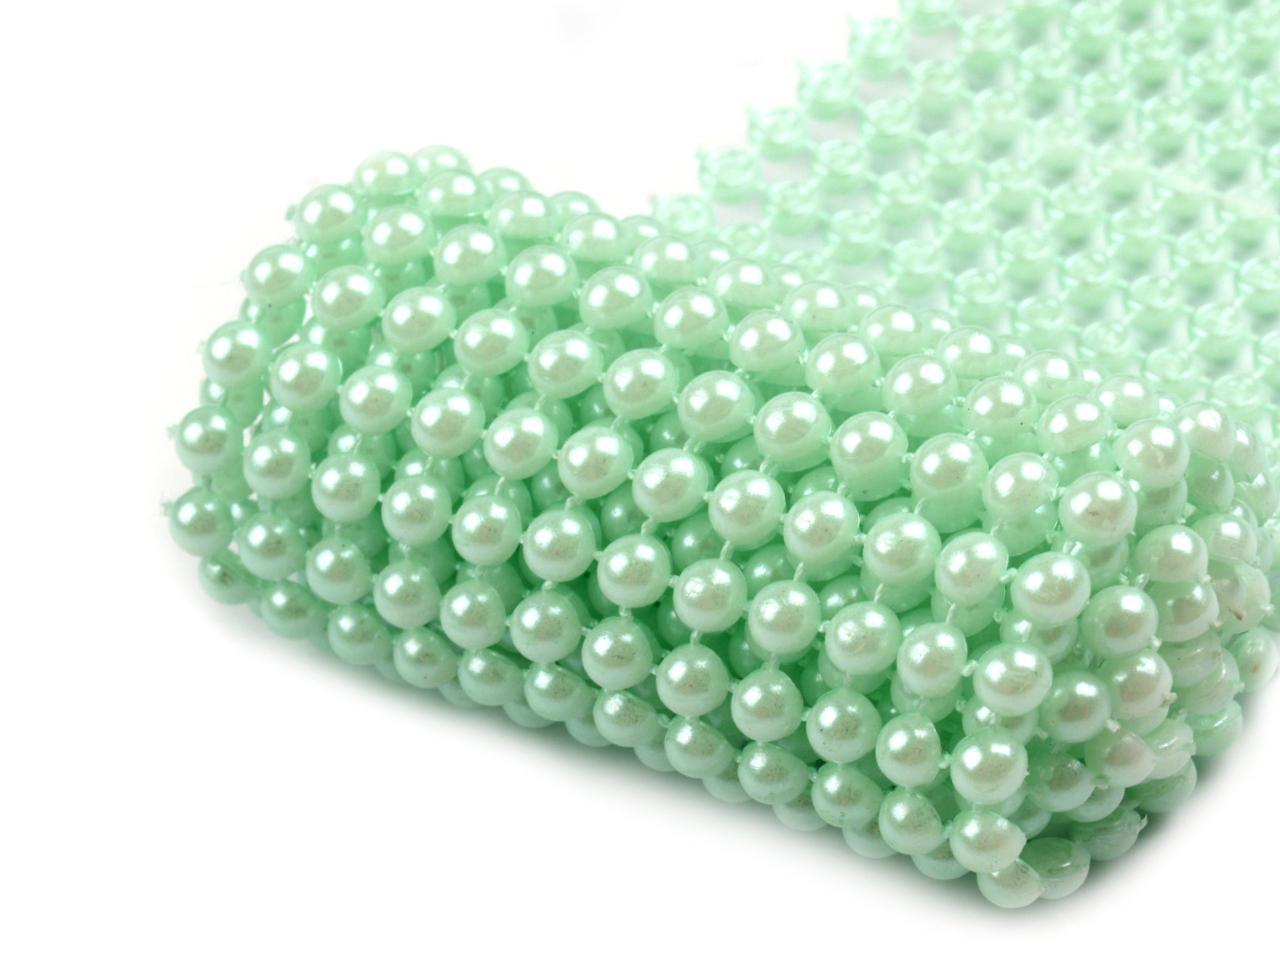 perličkový pás mint  - Obrázek č. 1